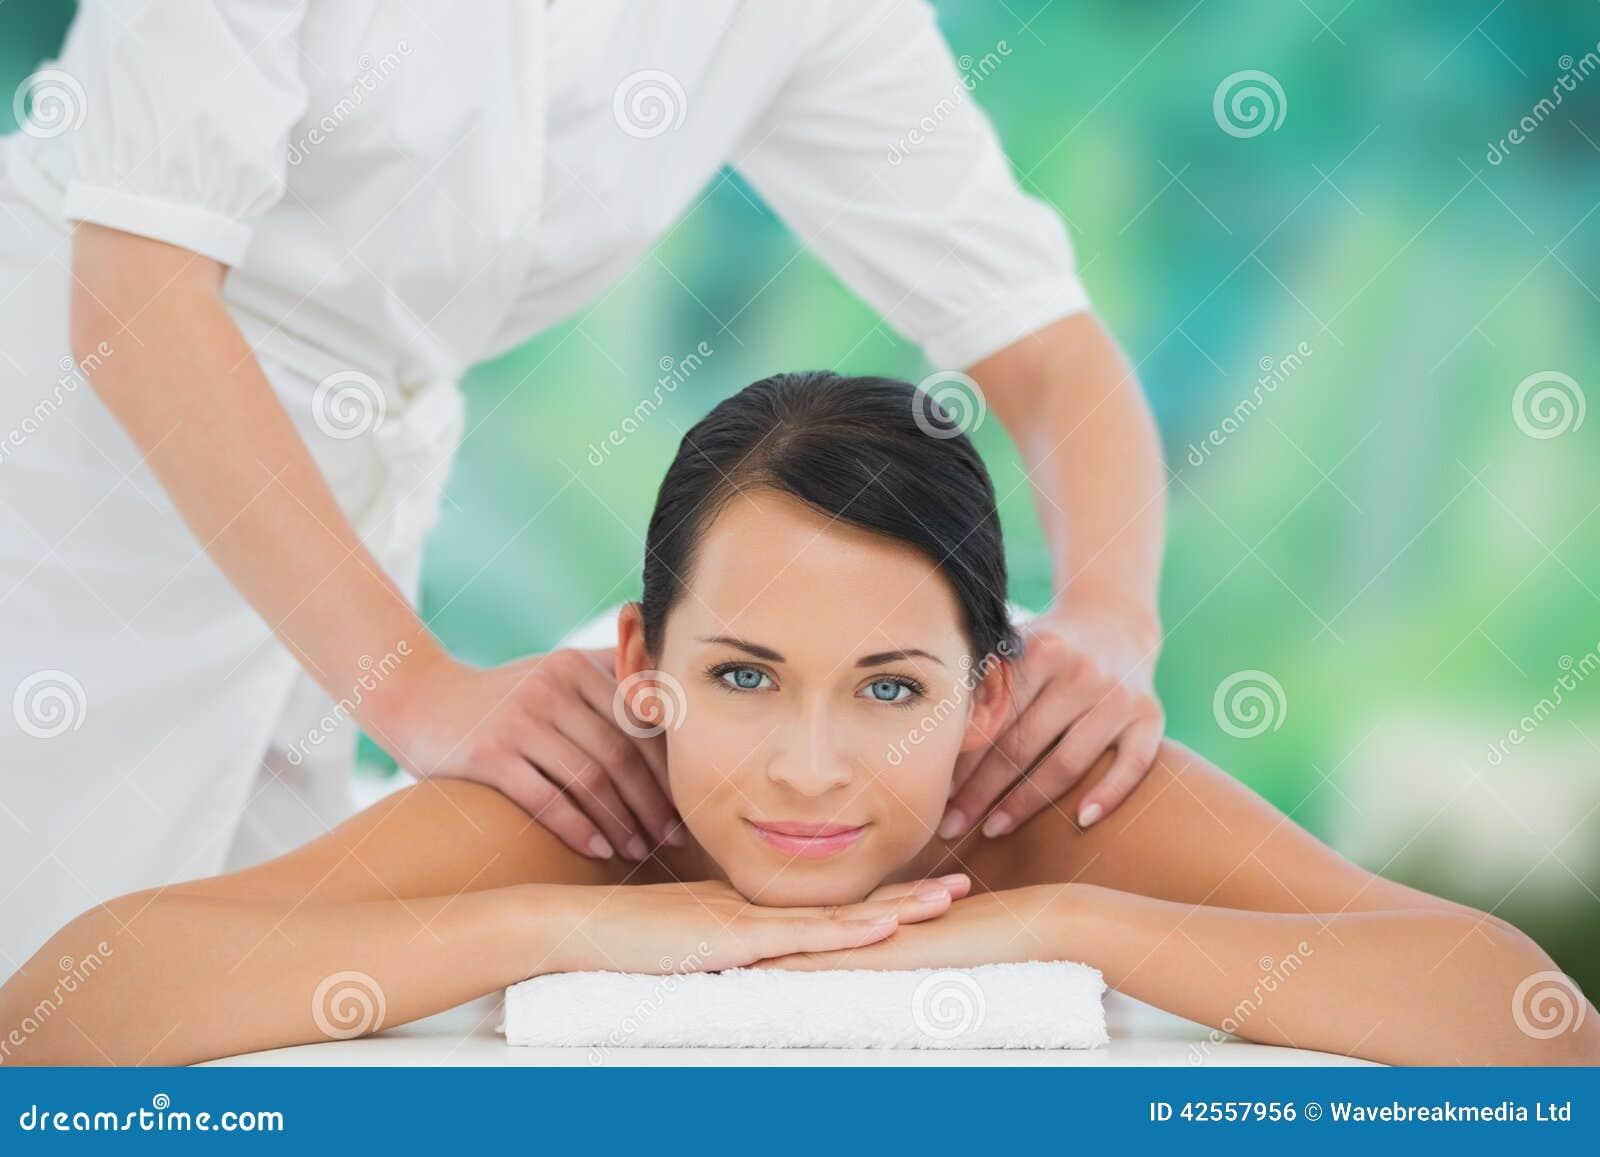 massage cam buddinge massage